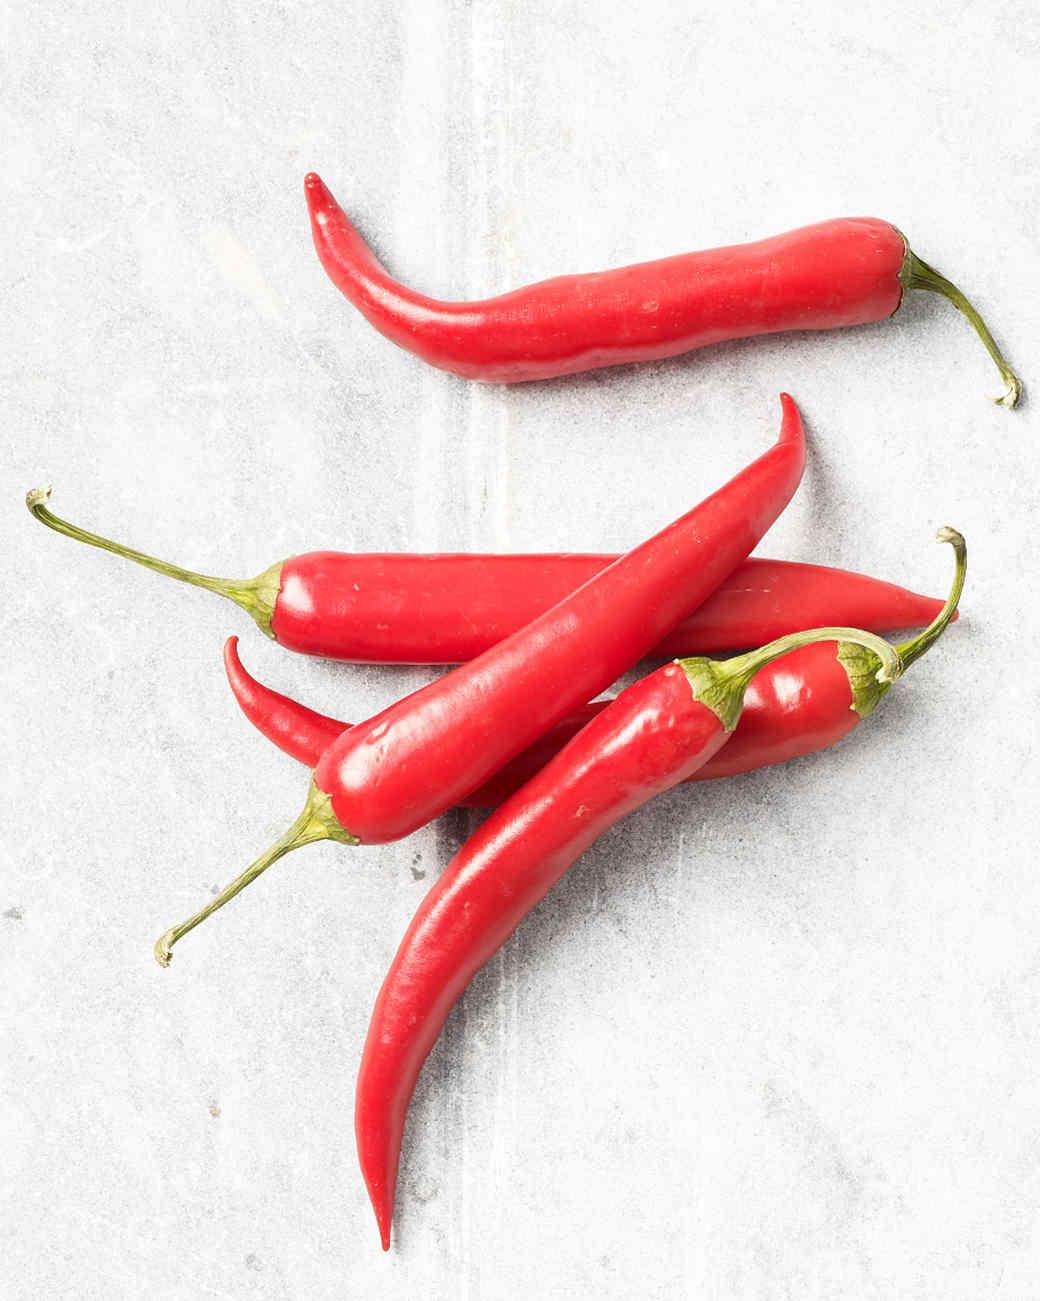 red-finger-hot-peppers-162-d110163.jpg